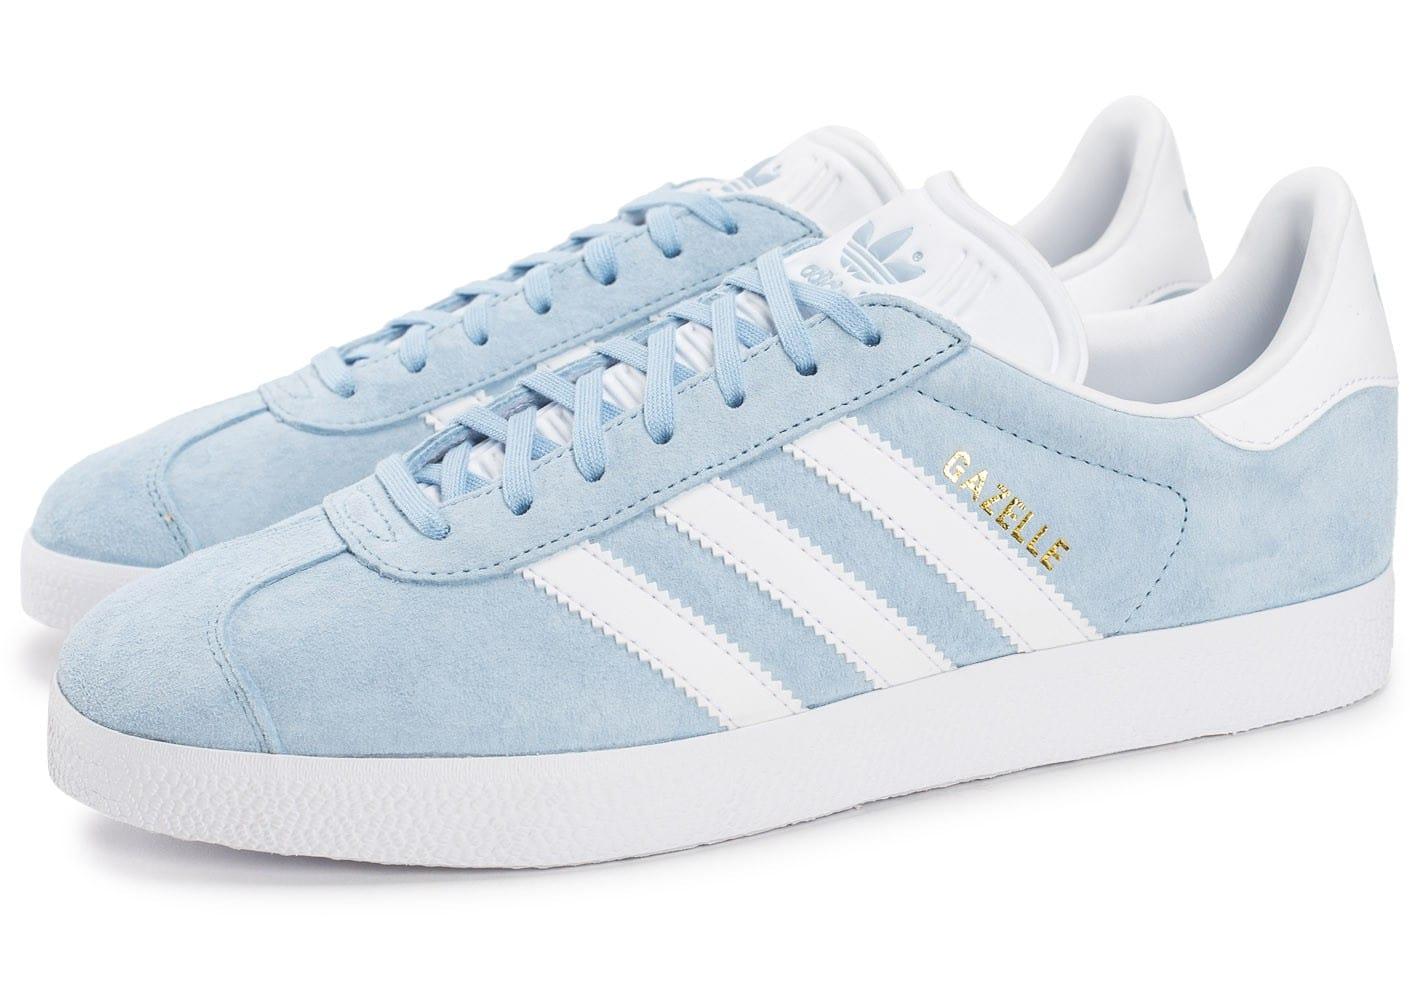 Magasin Outlet pour adidas gazelle bleu clair pas cher mes